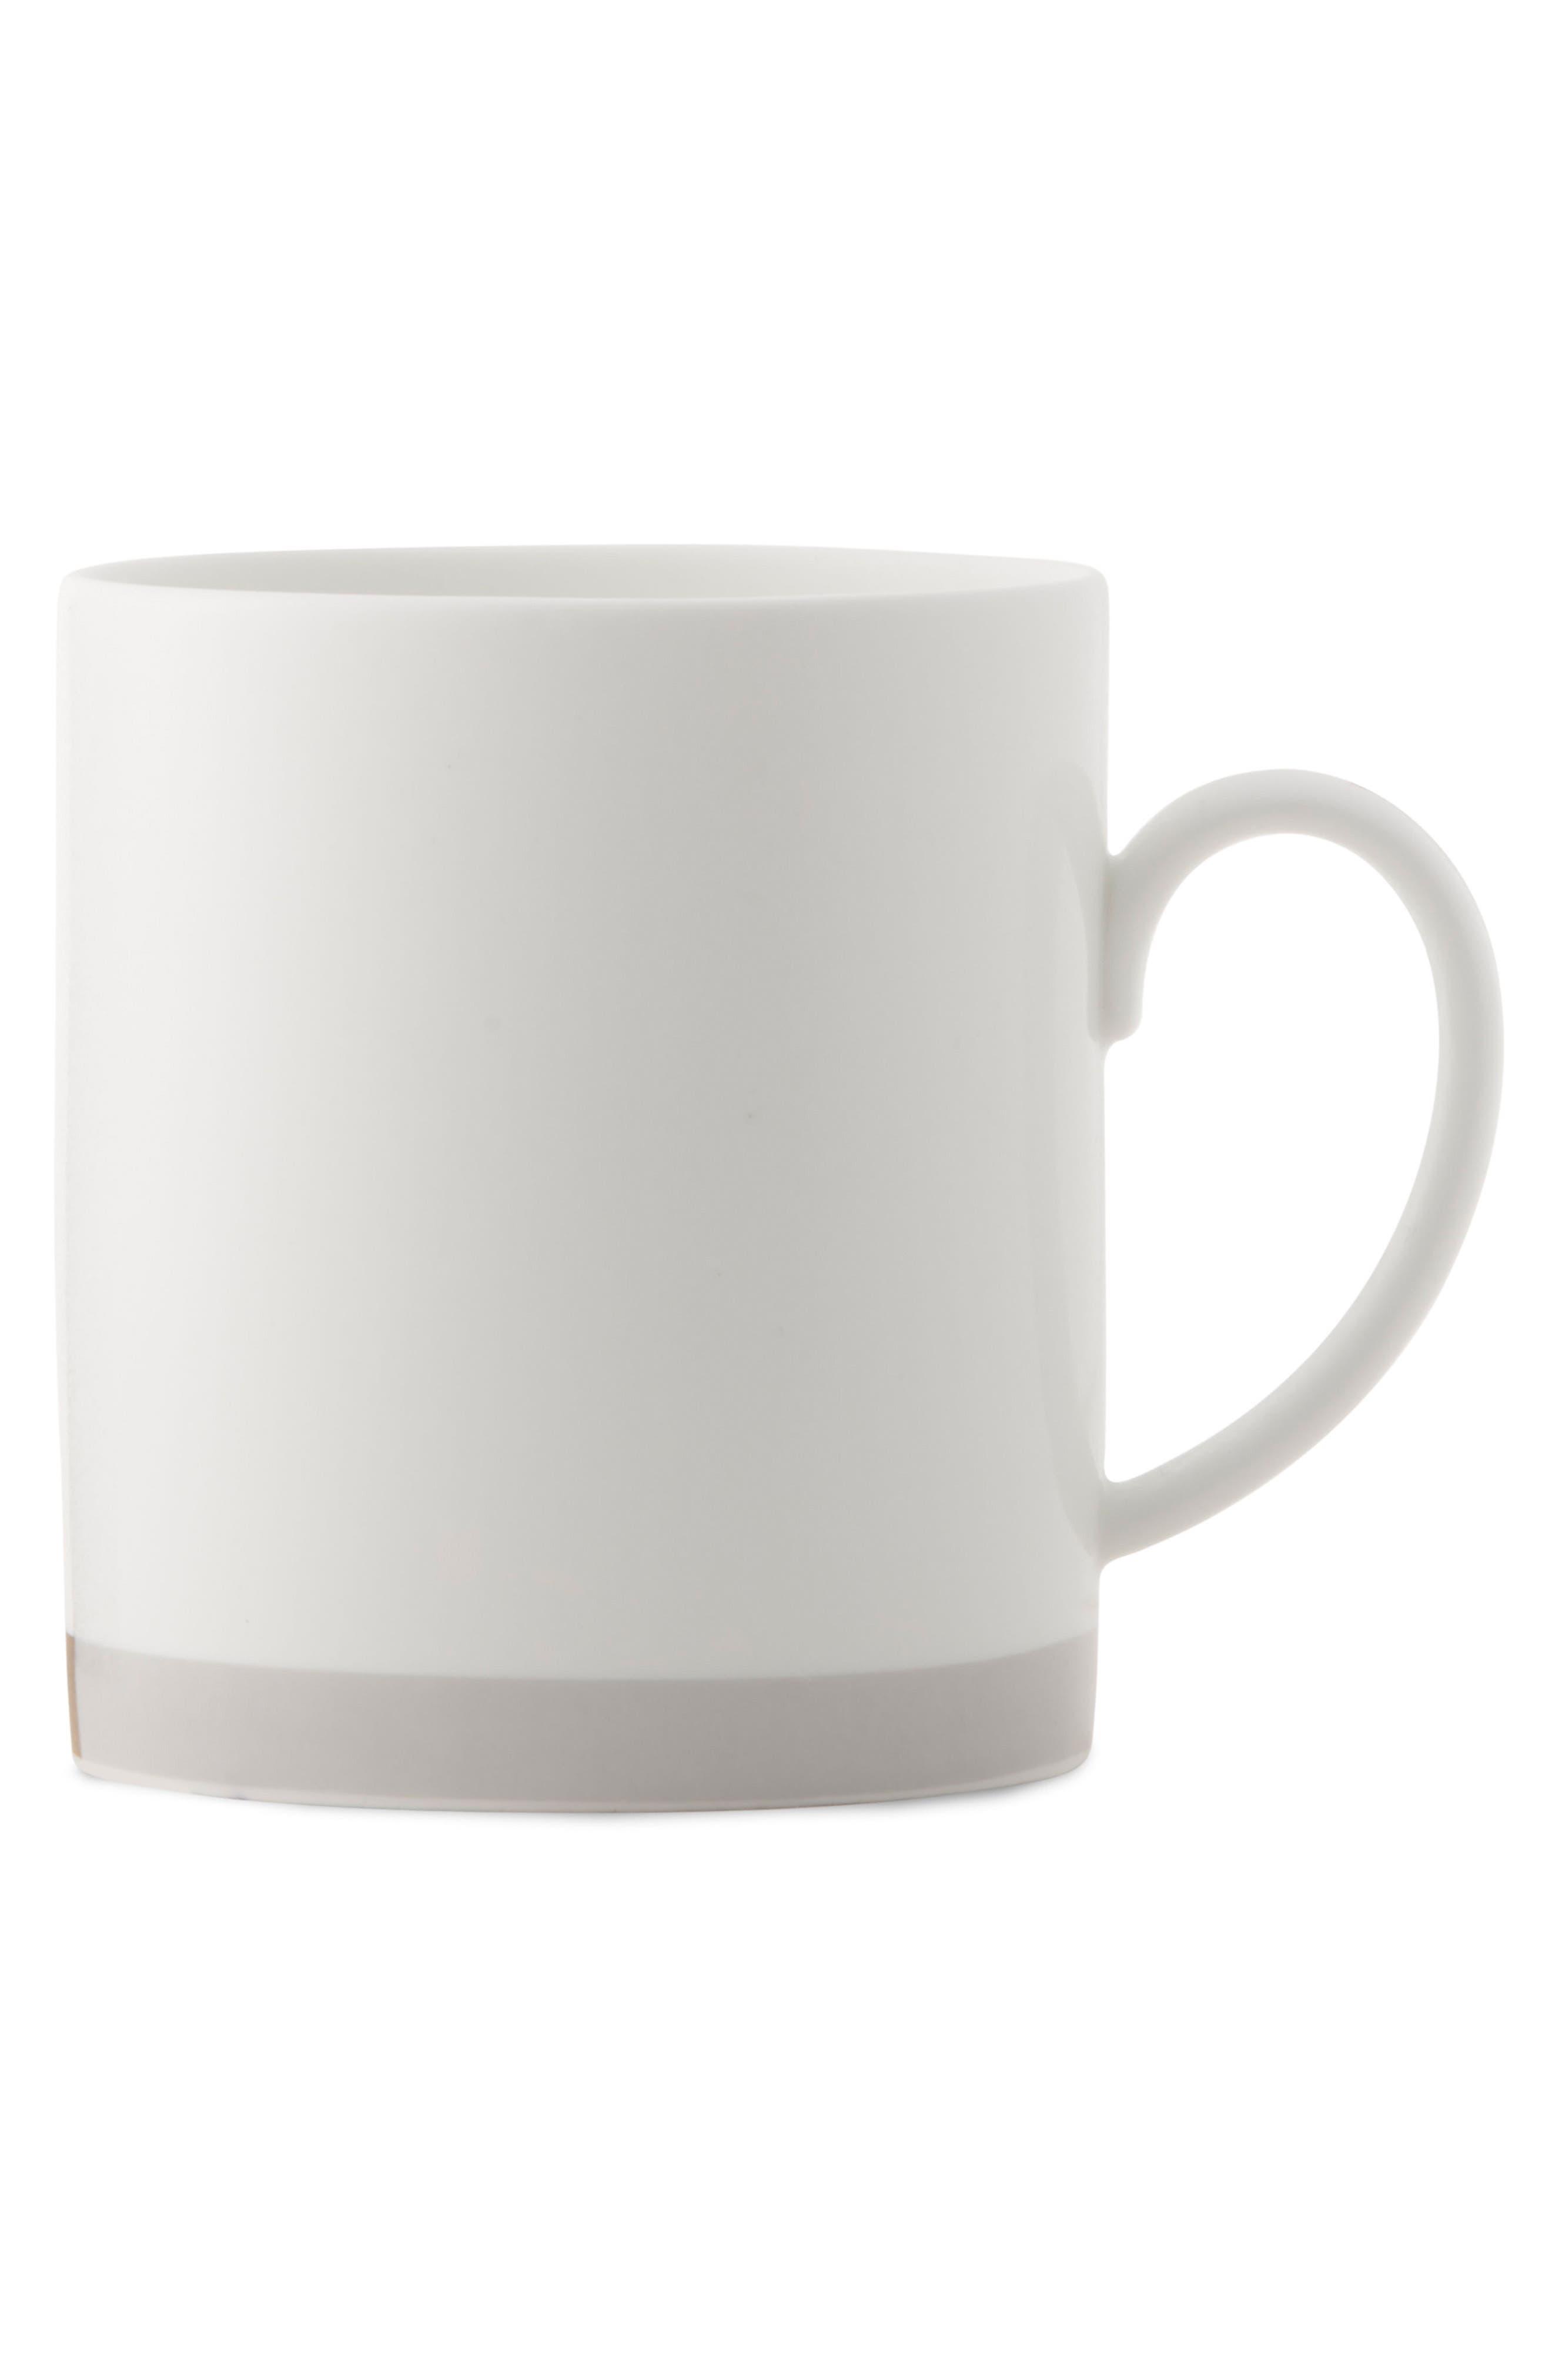 Vera Wang x Wedgewood Castillon Mug